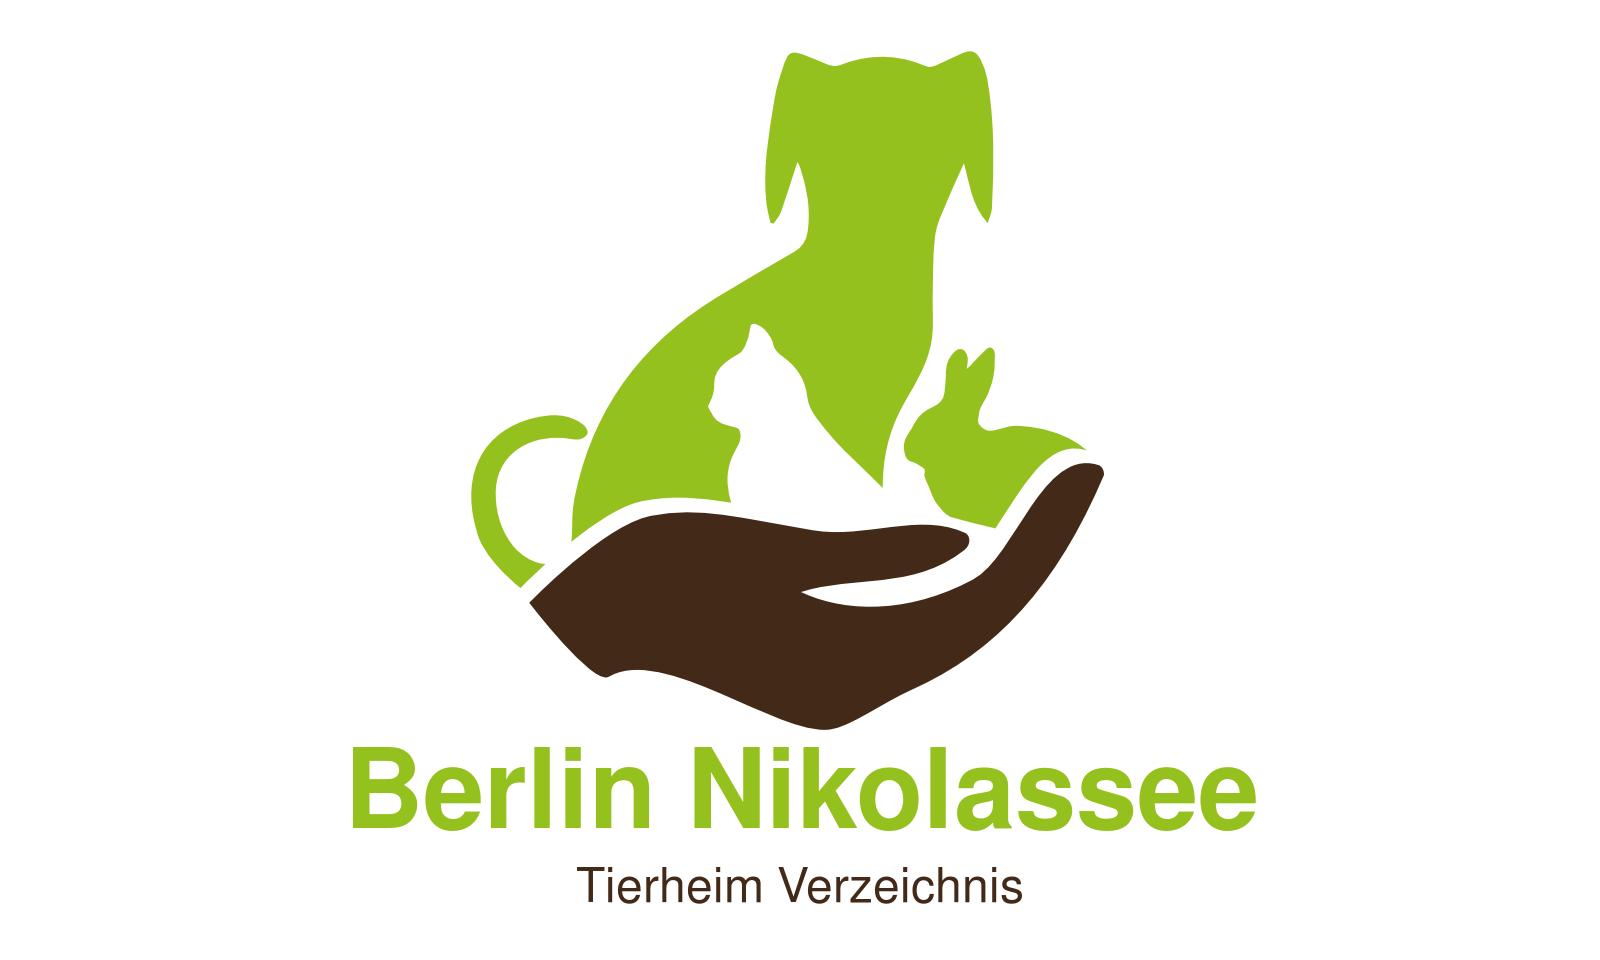 Tierheim Berlin Nikolassee